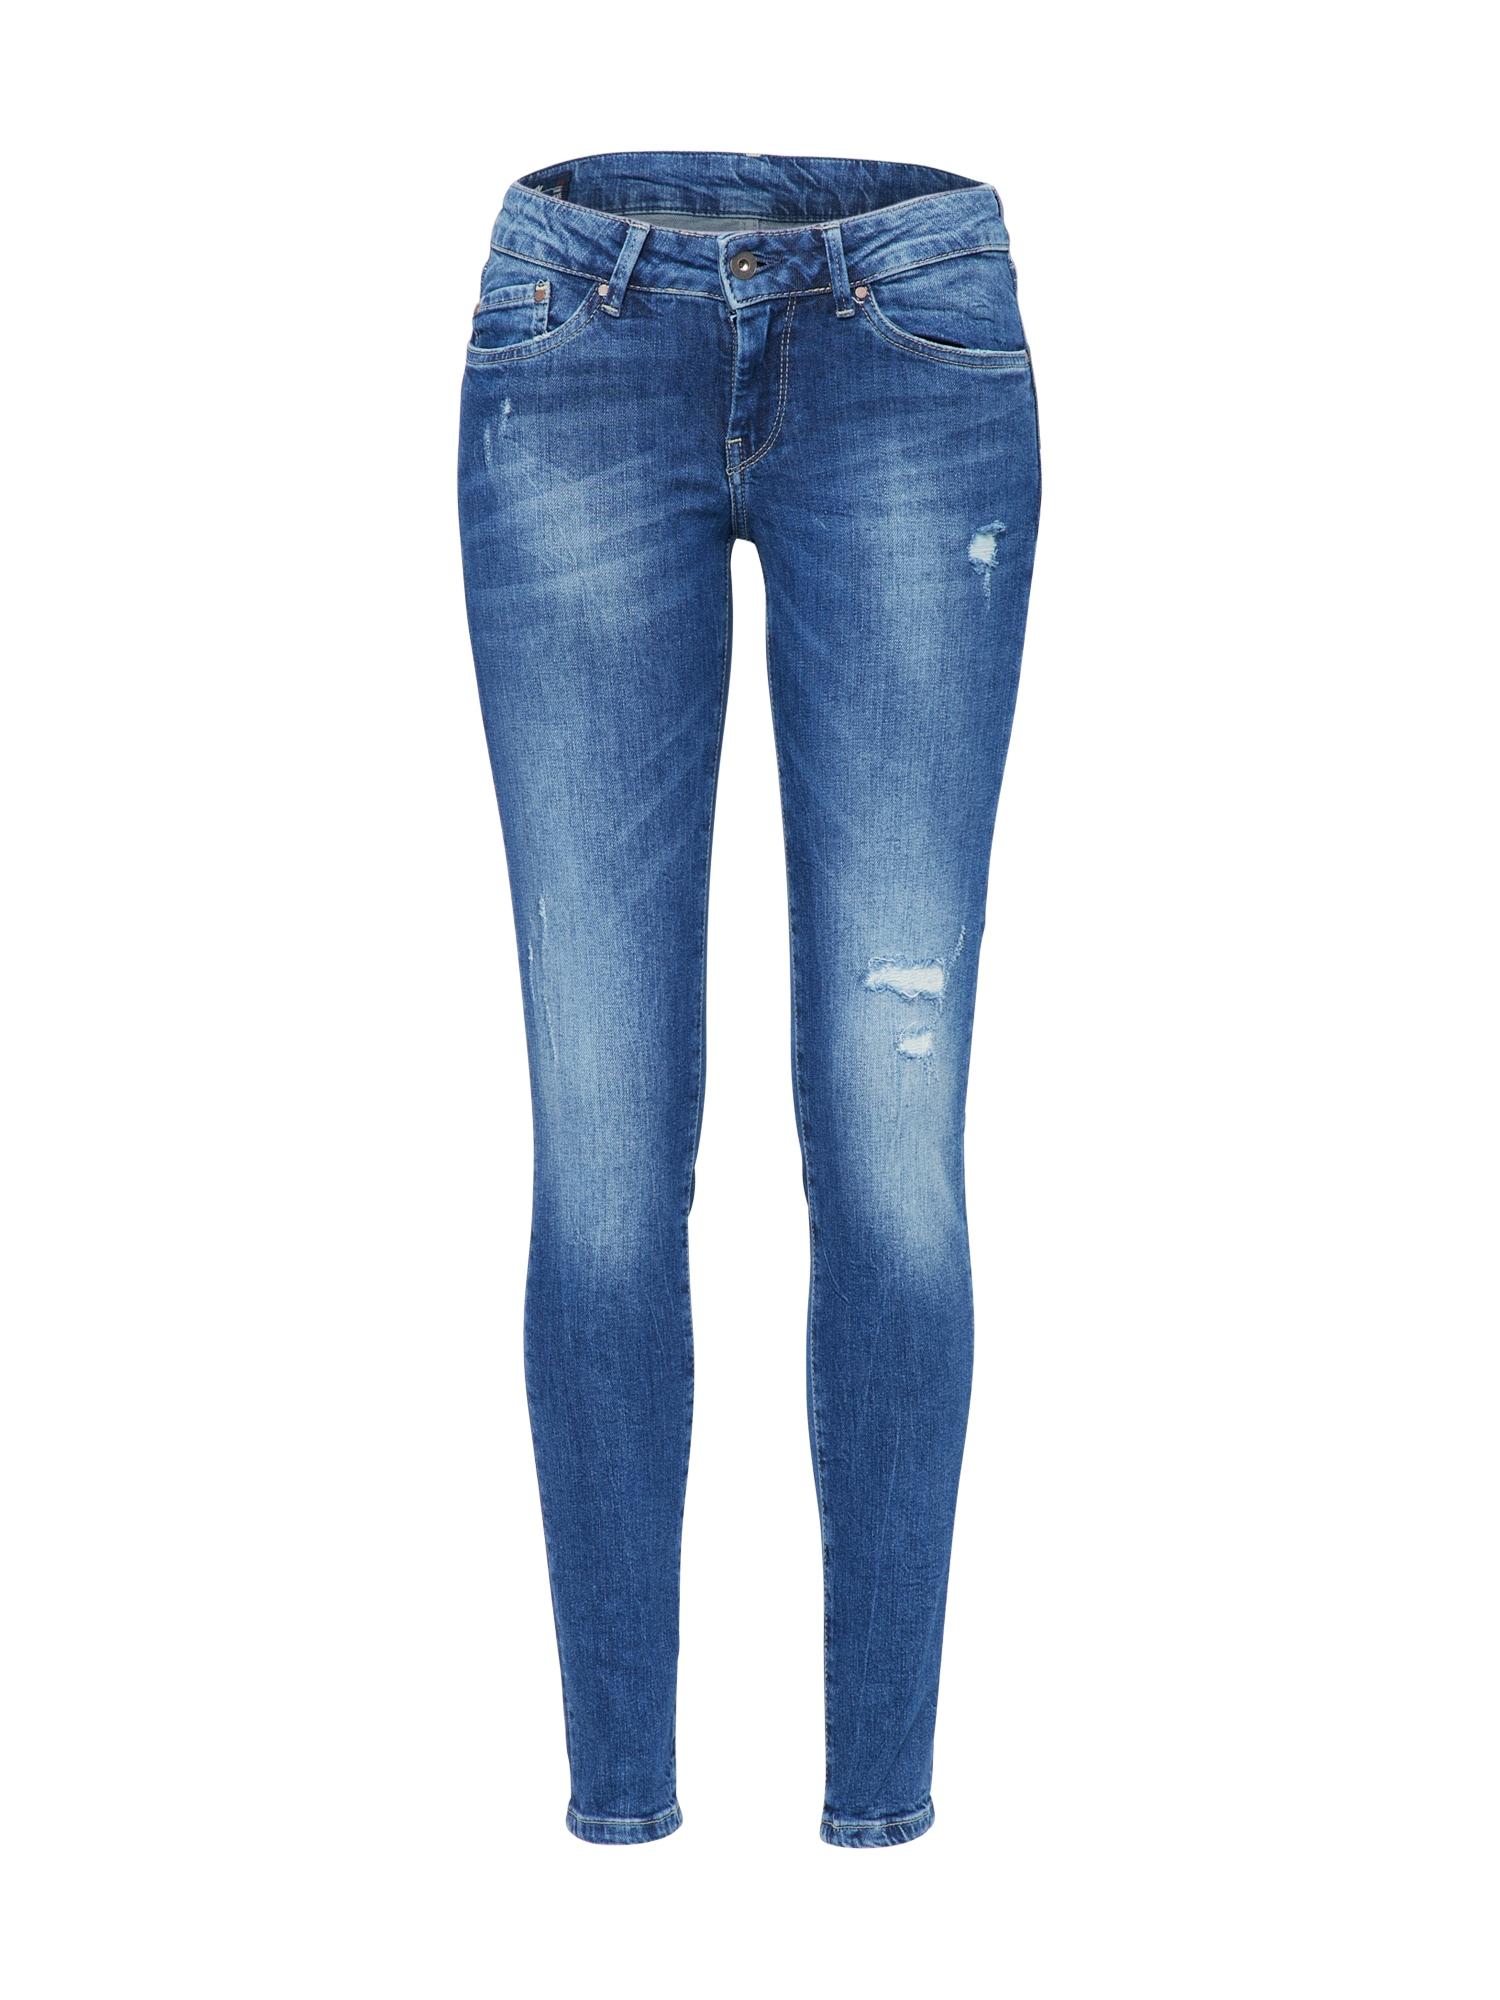 Pepe Jeans Dames Jeans Pixie blue denim